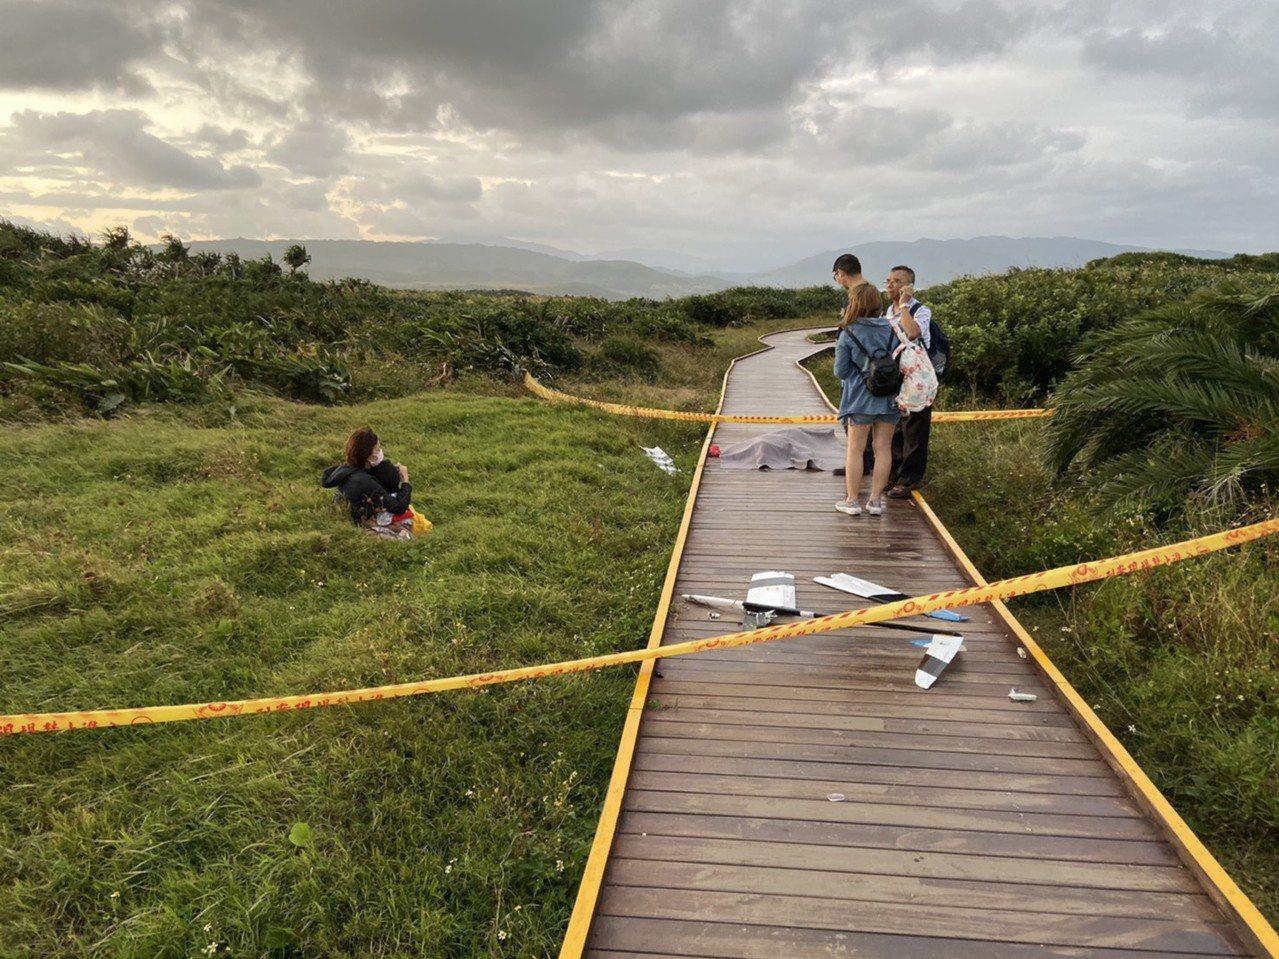 失控的遙控斜坡滑翔機砸中在墾丁龍磐公園木棧道賞景的婦人。記者潘欣中/翻攝